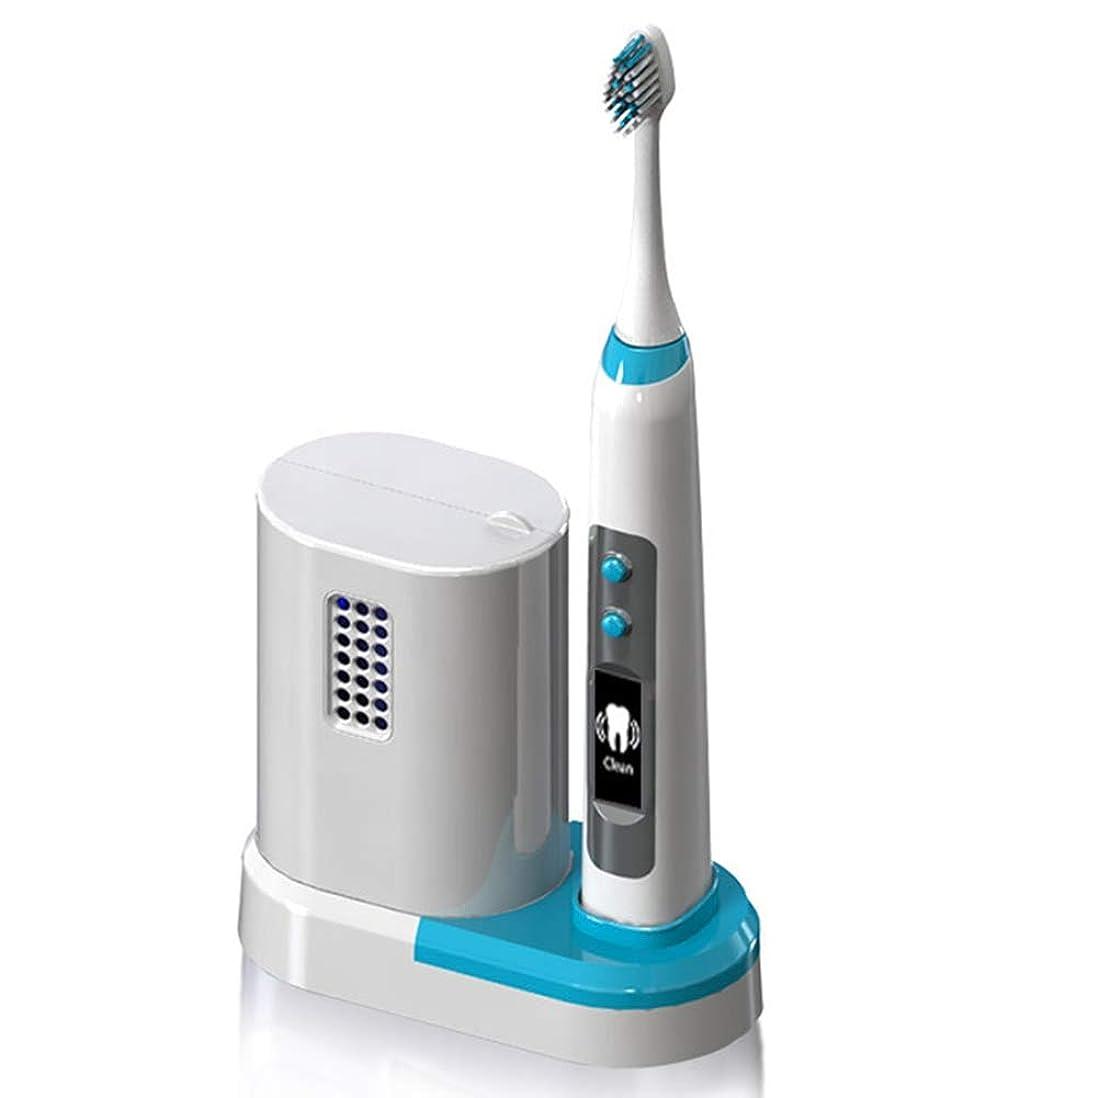 損失動詞必要ないワイヤレス誘導充電式電動歯ブラシ、音波粉砕技術、DuPontソフトブラシ素材、ボディ防水処理、UV消毒倉庫